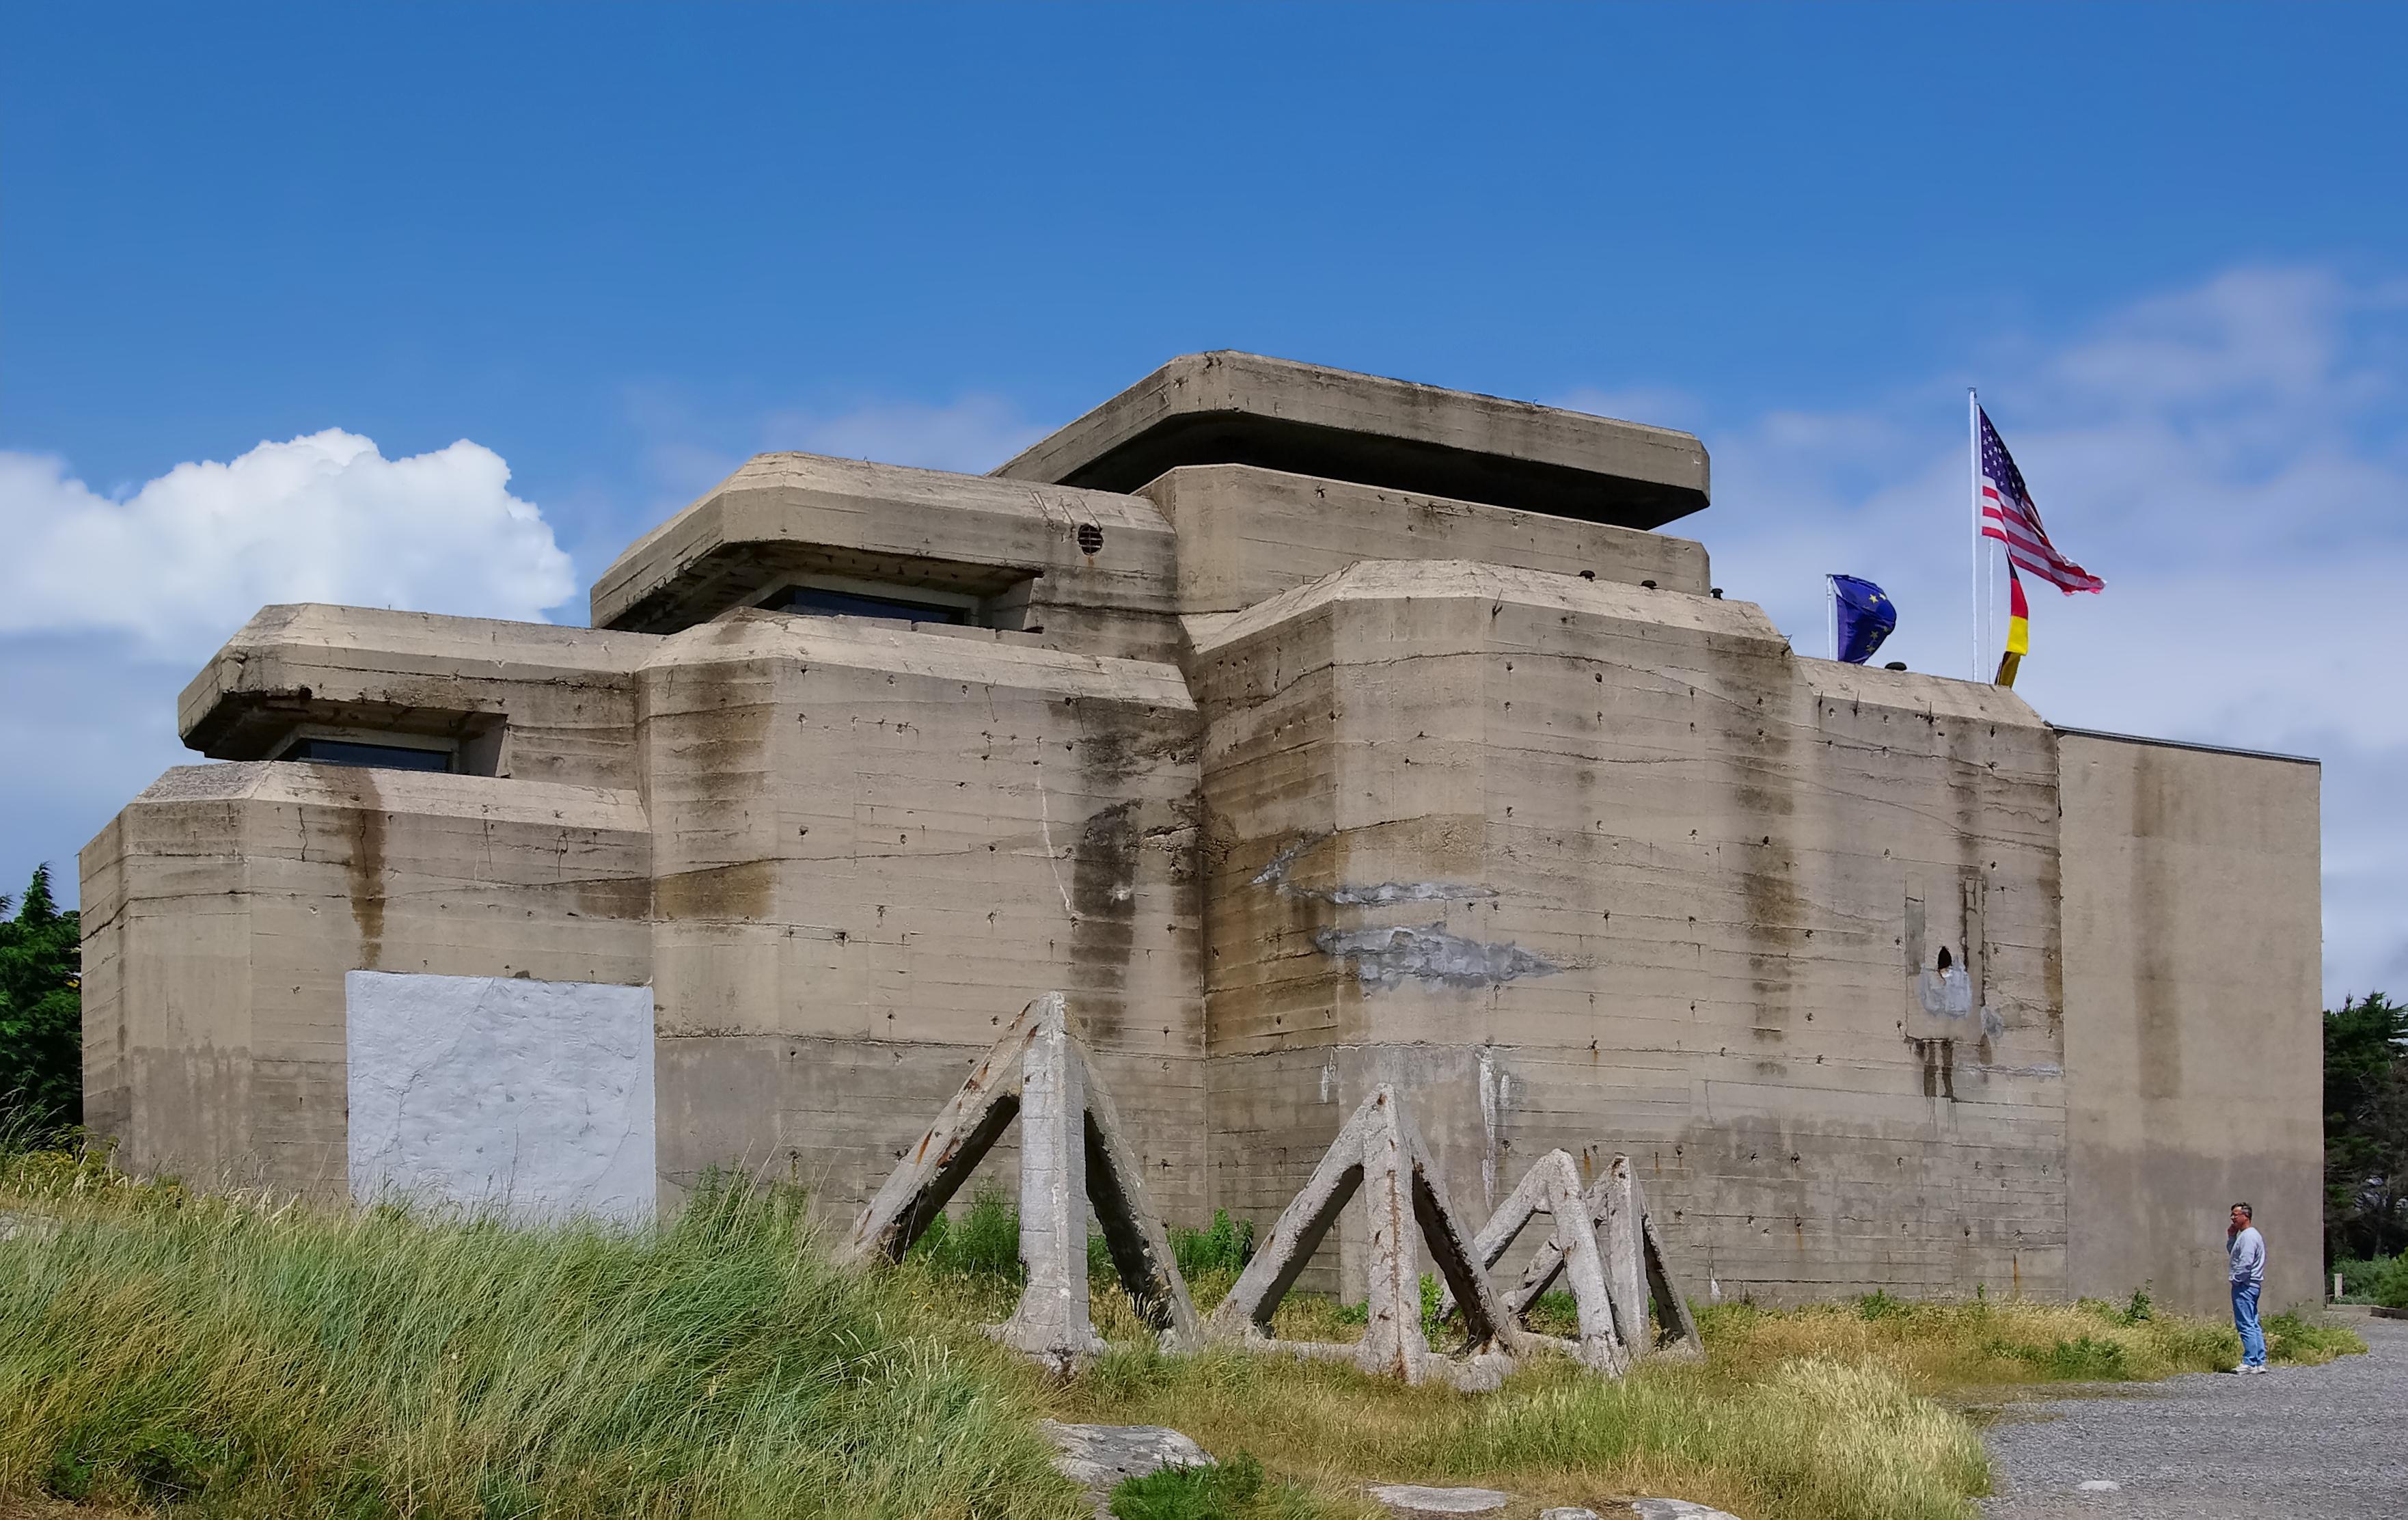 254-batz-sur-mer_44_grand_blockhaus.jpg